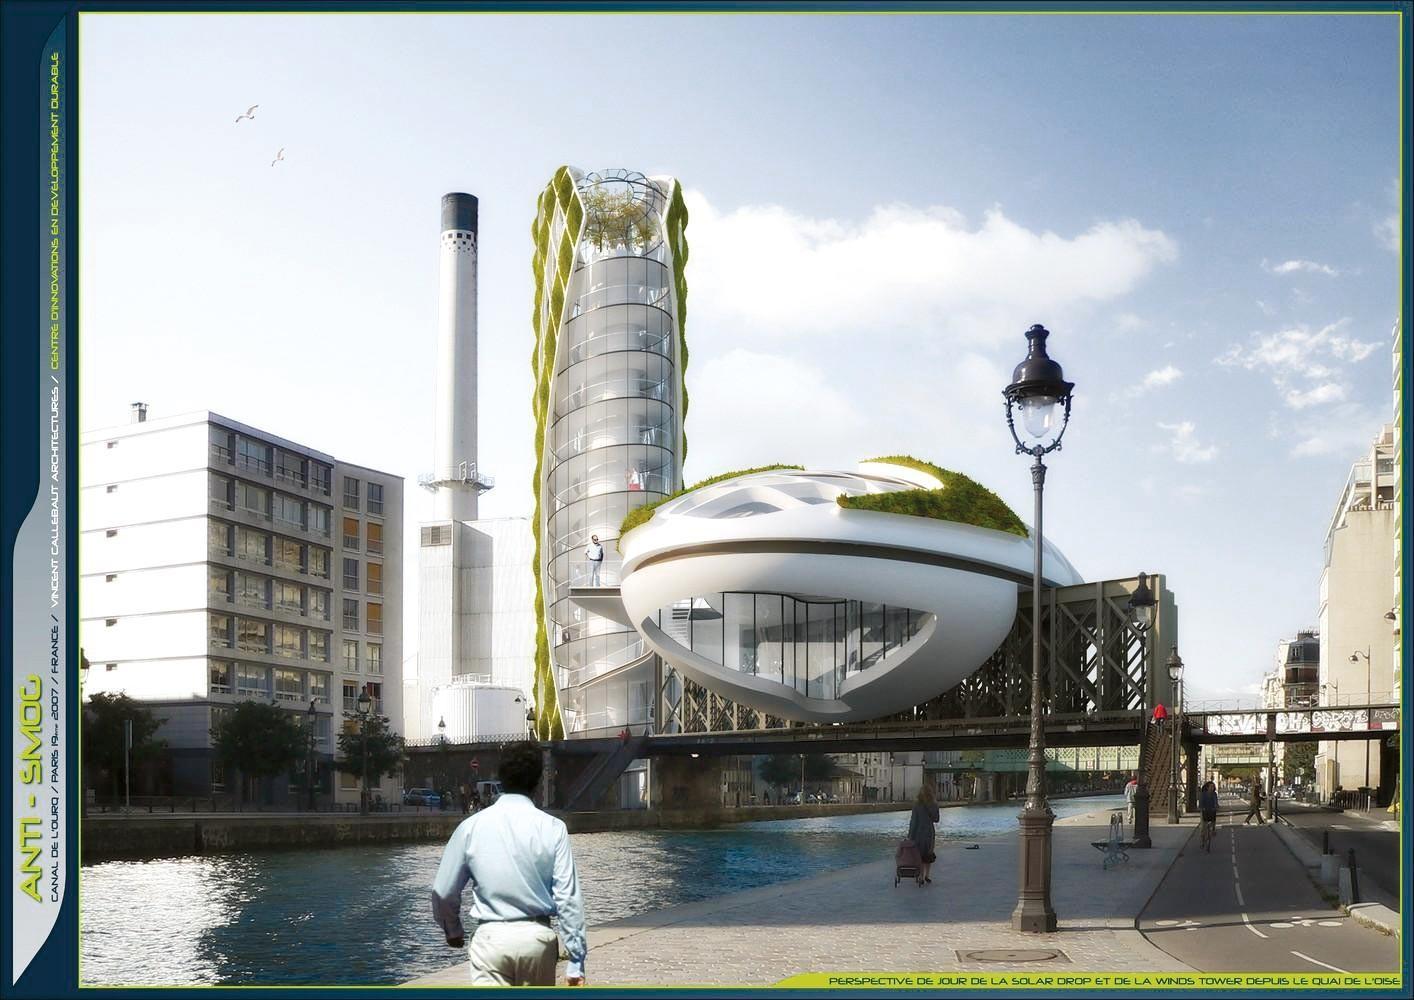 Projet d'immeuble anti-smog pour capter le CO2 et améliorer la qualité de l'air, à Paris